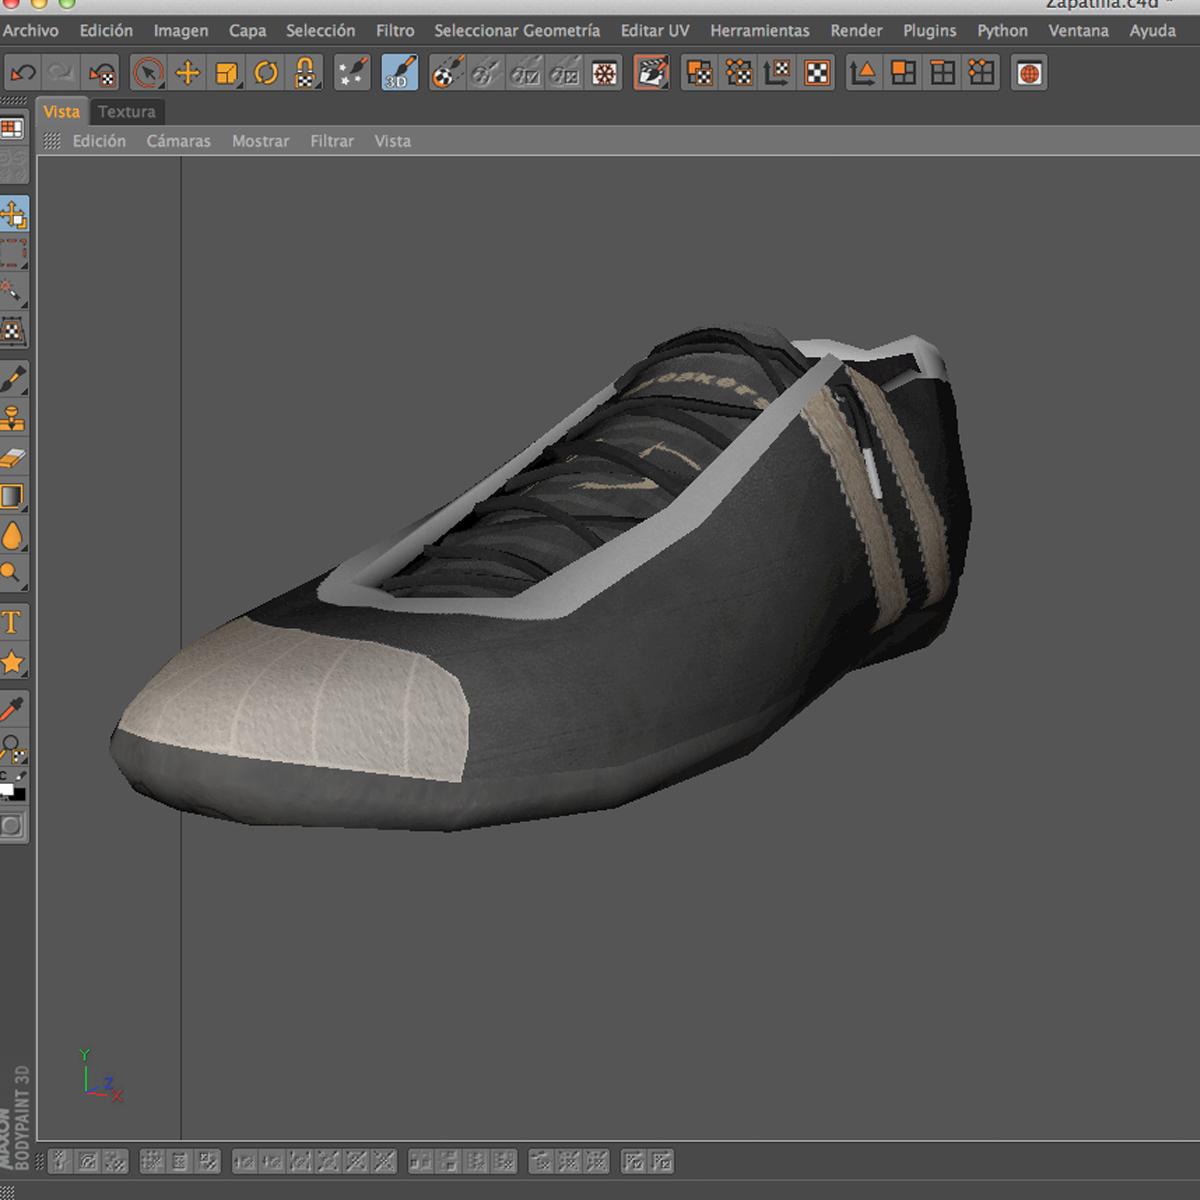 sneakers 3d model 3ds max fbx c4d ma mb obj 160395